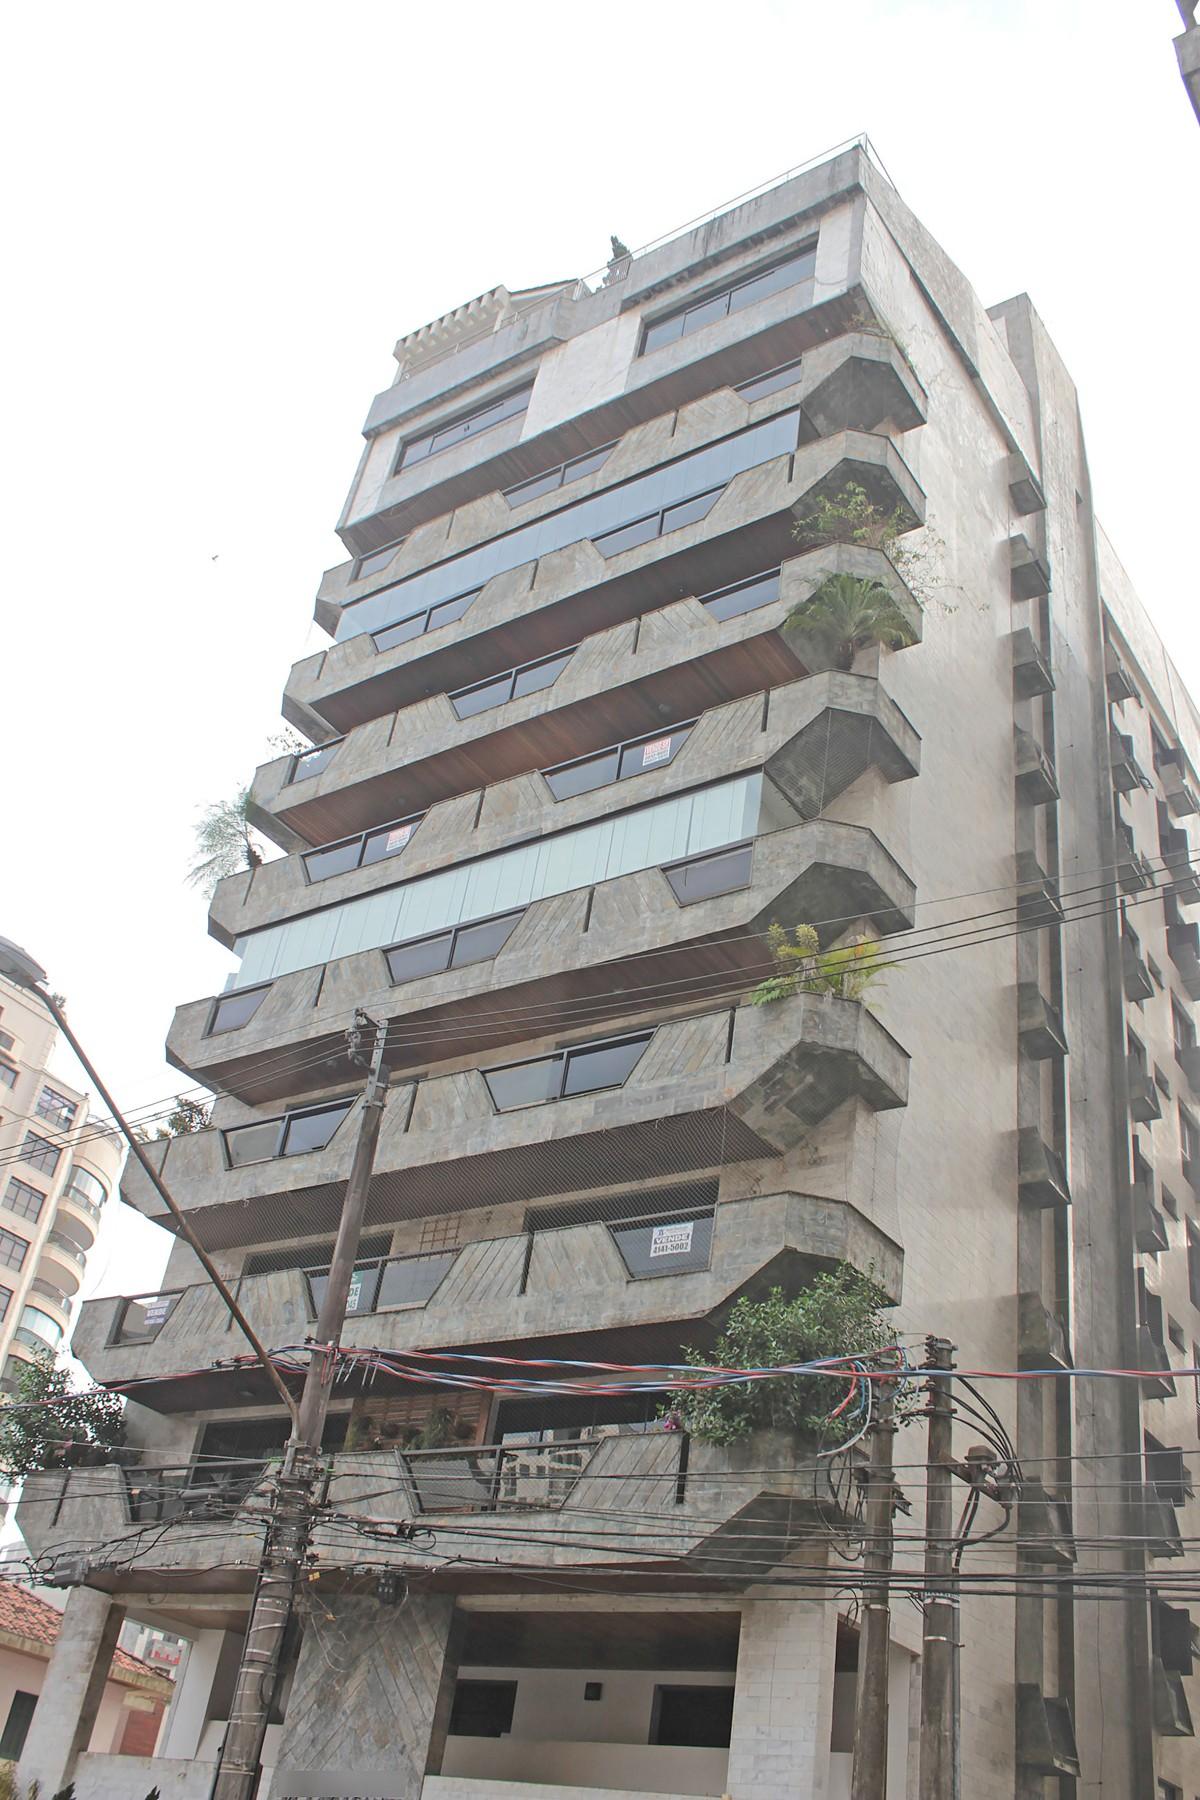 Condomínio na Rua Carolino Rodrigues, no Boqueirão, foi invadido por quadrilha na manhã de domingo (23); crime durou cerca de uma hora